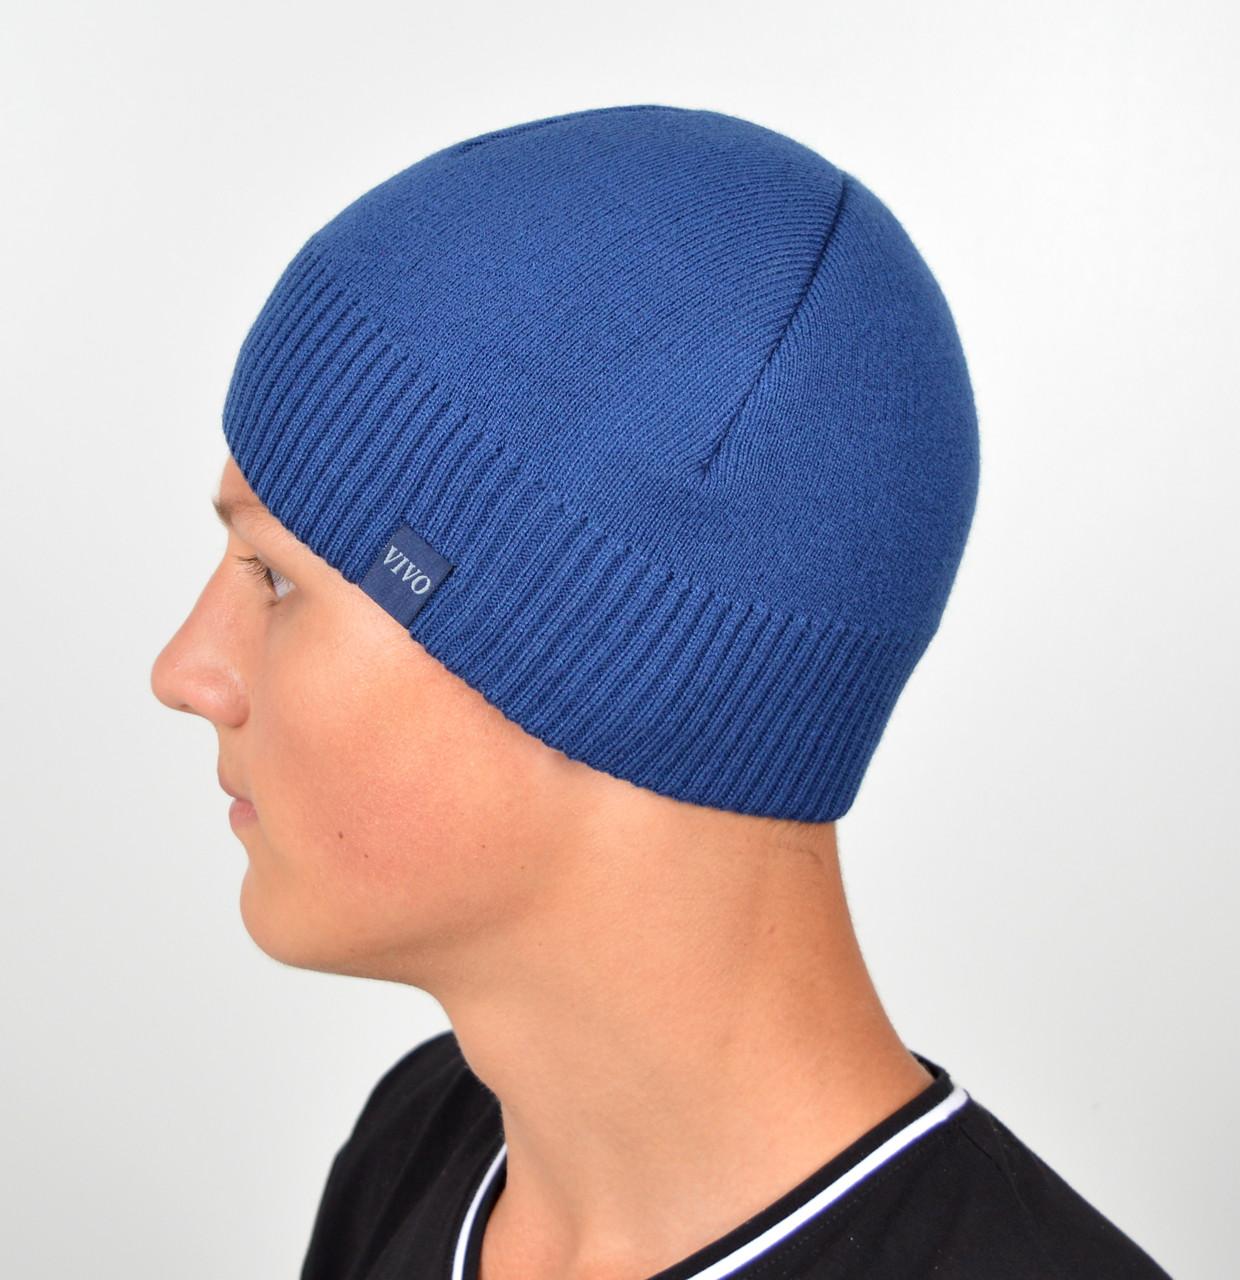 Мужская шапка VIVO №8 джинс